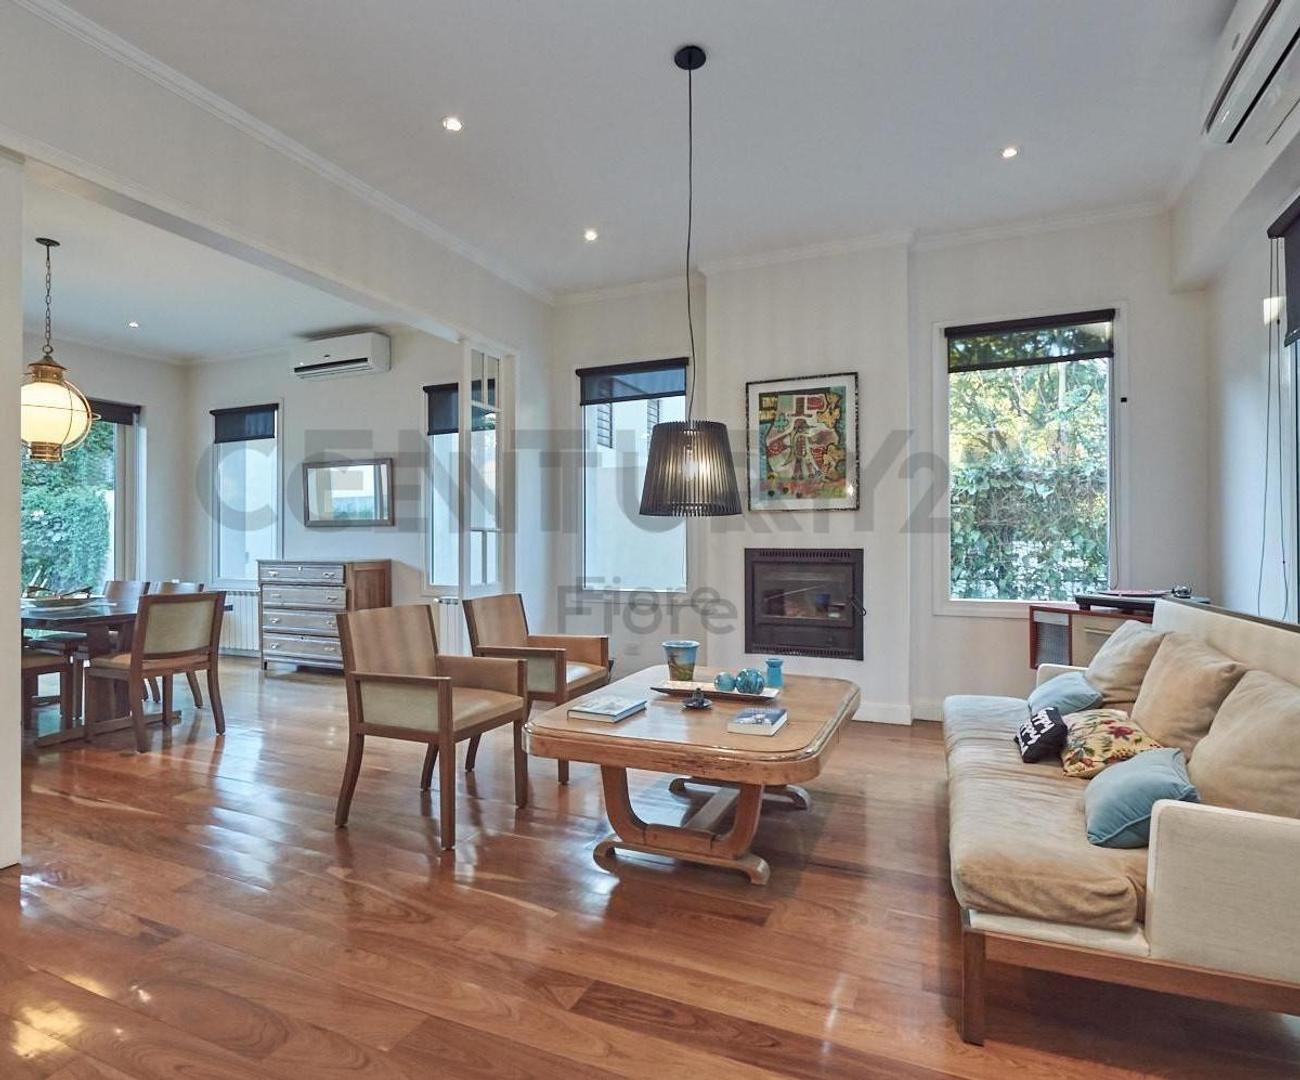 Casa - 420 m² | 5 dormitorios | 4 años